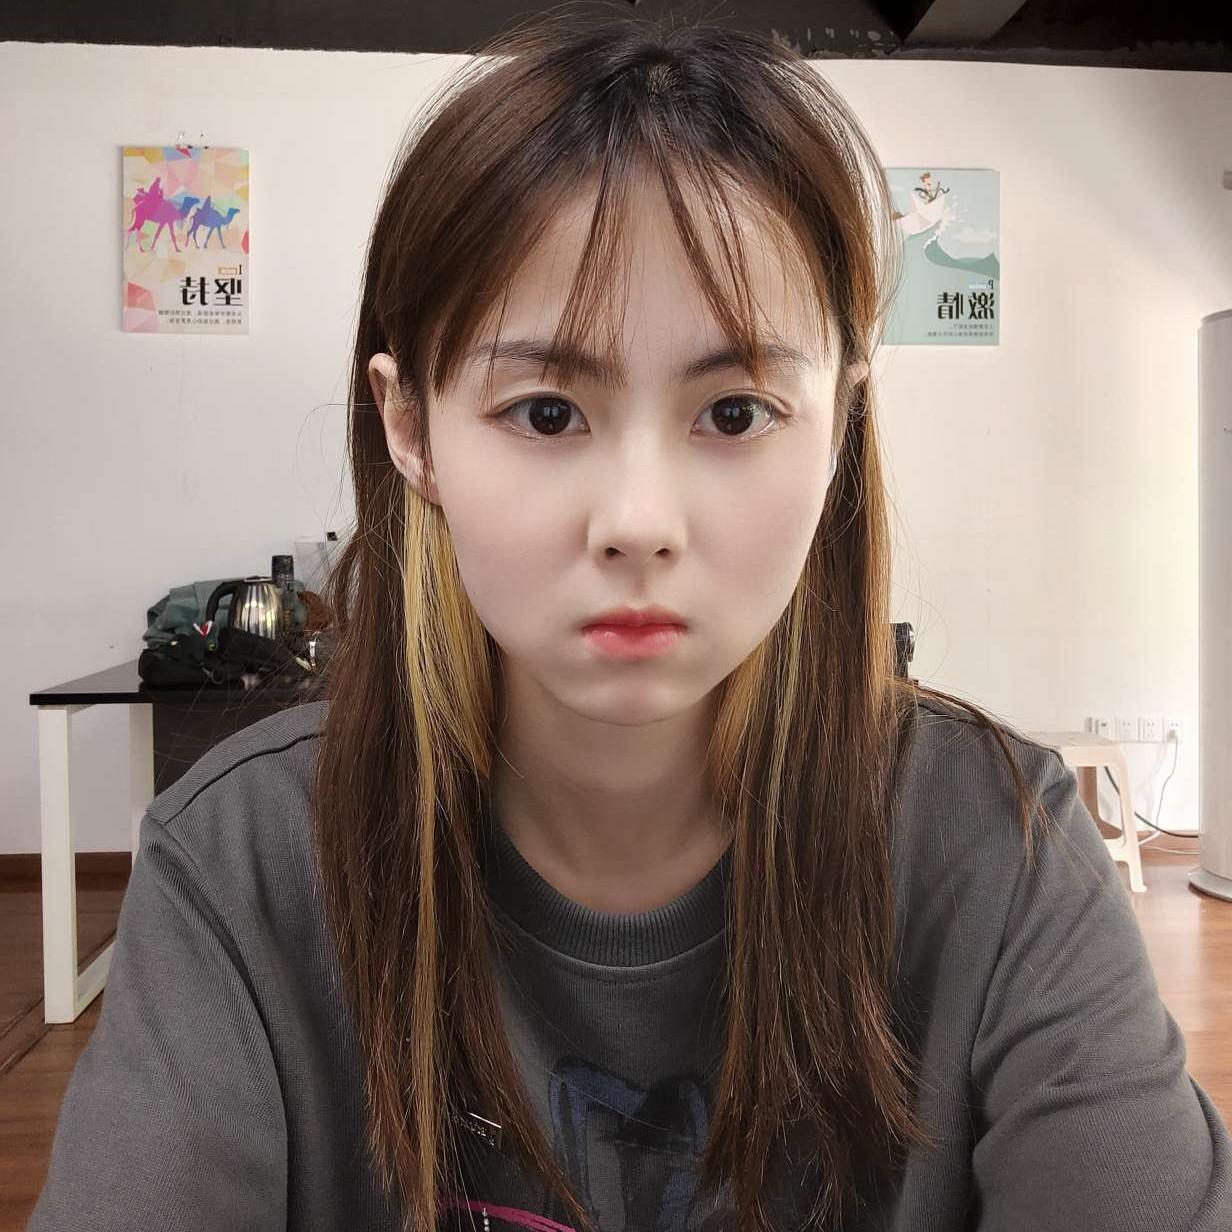 茉莉画面的照片